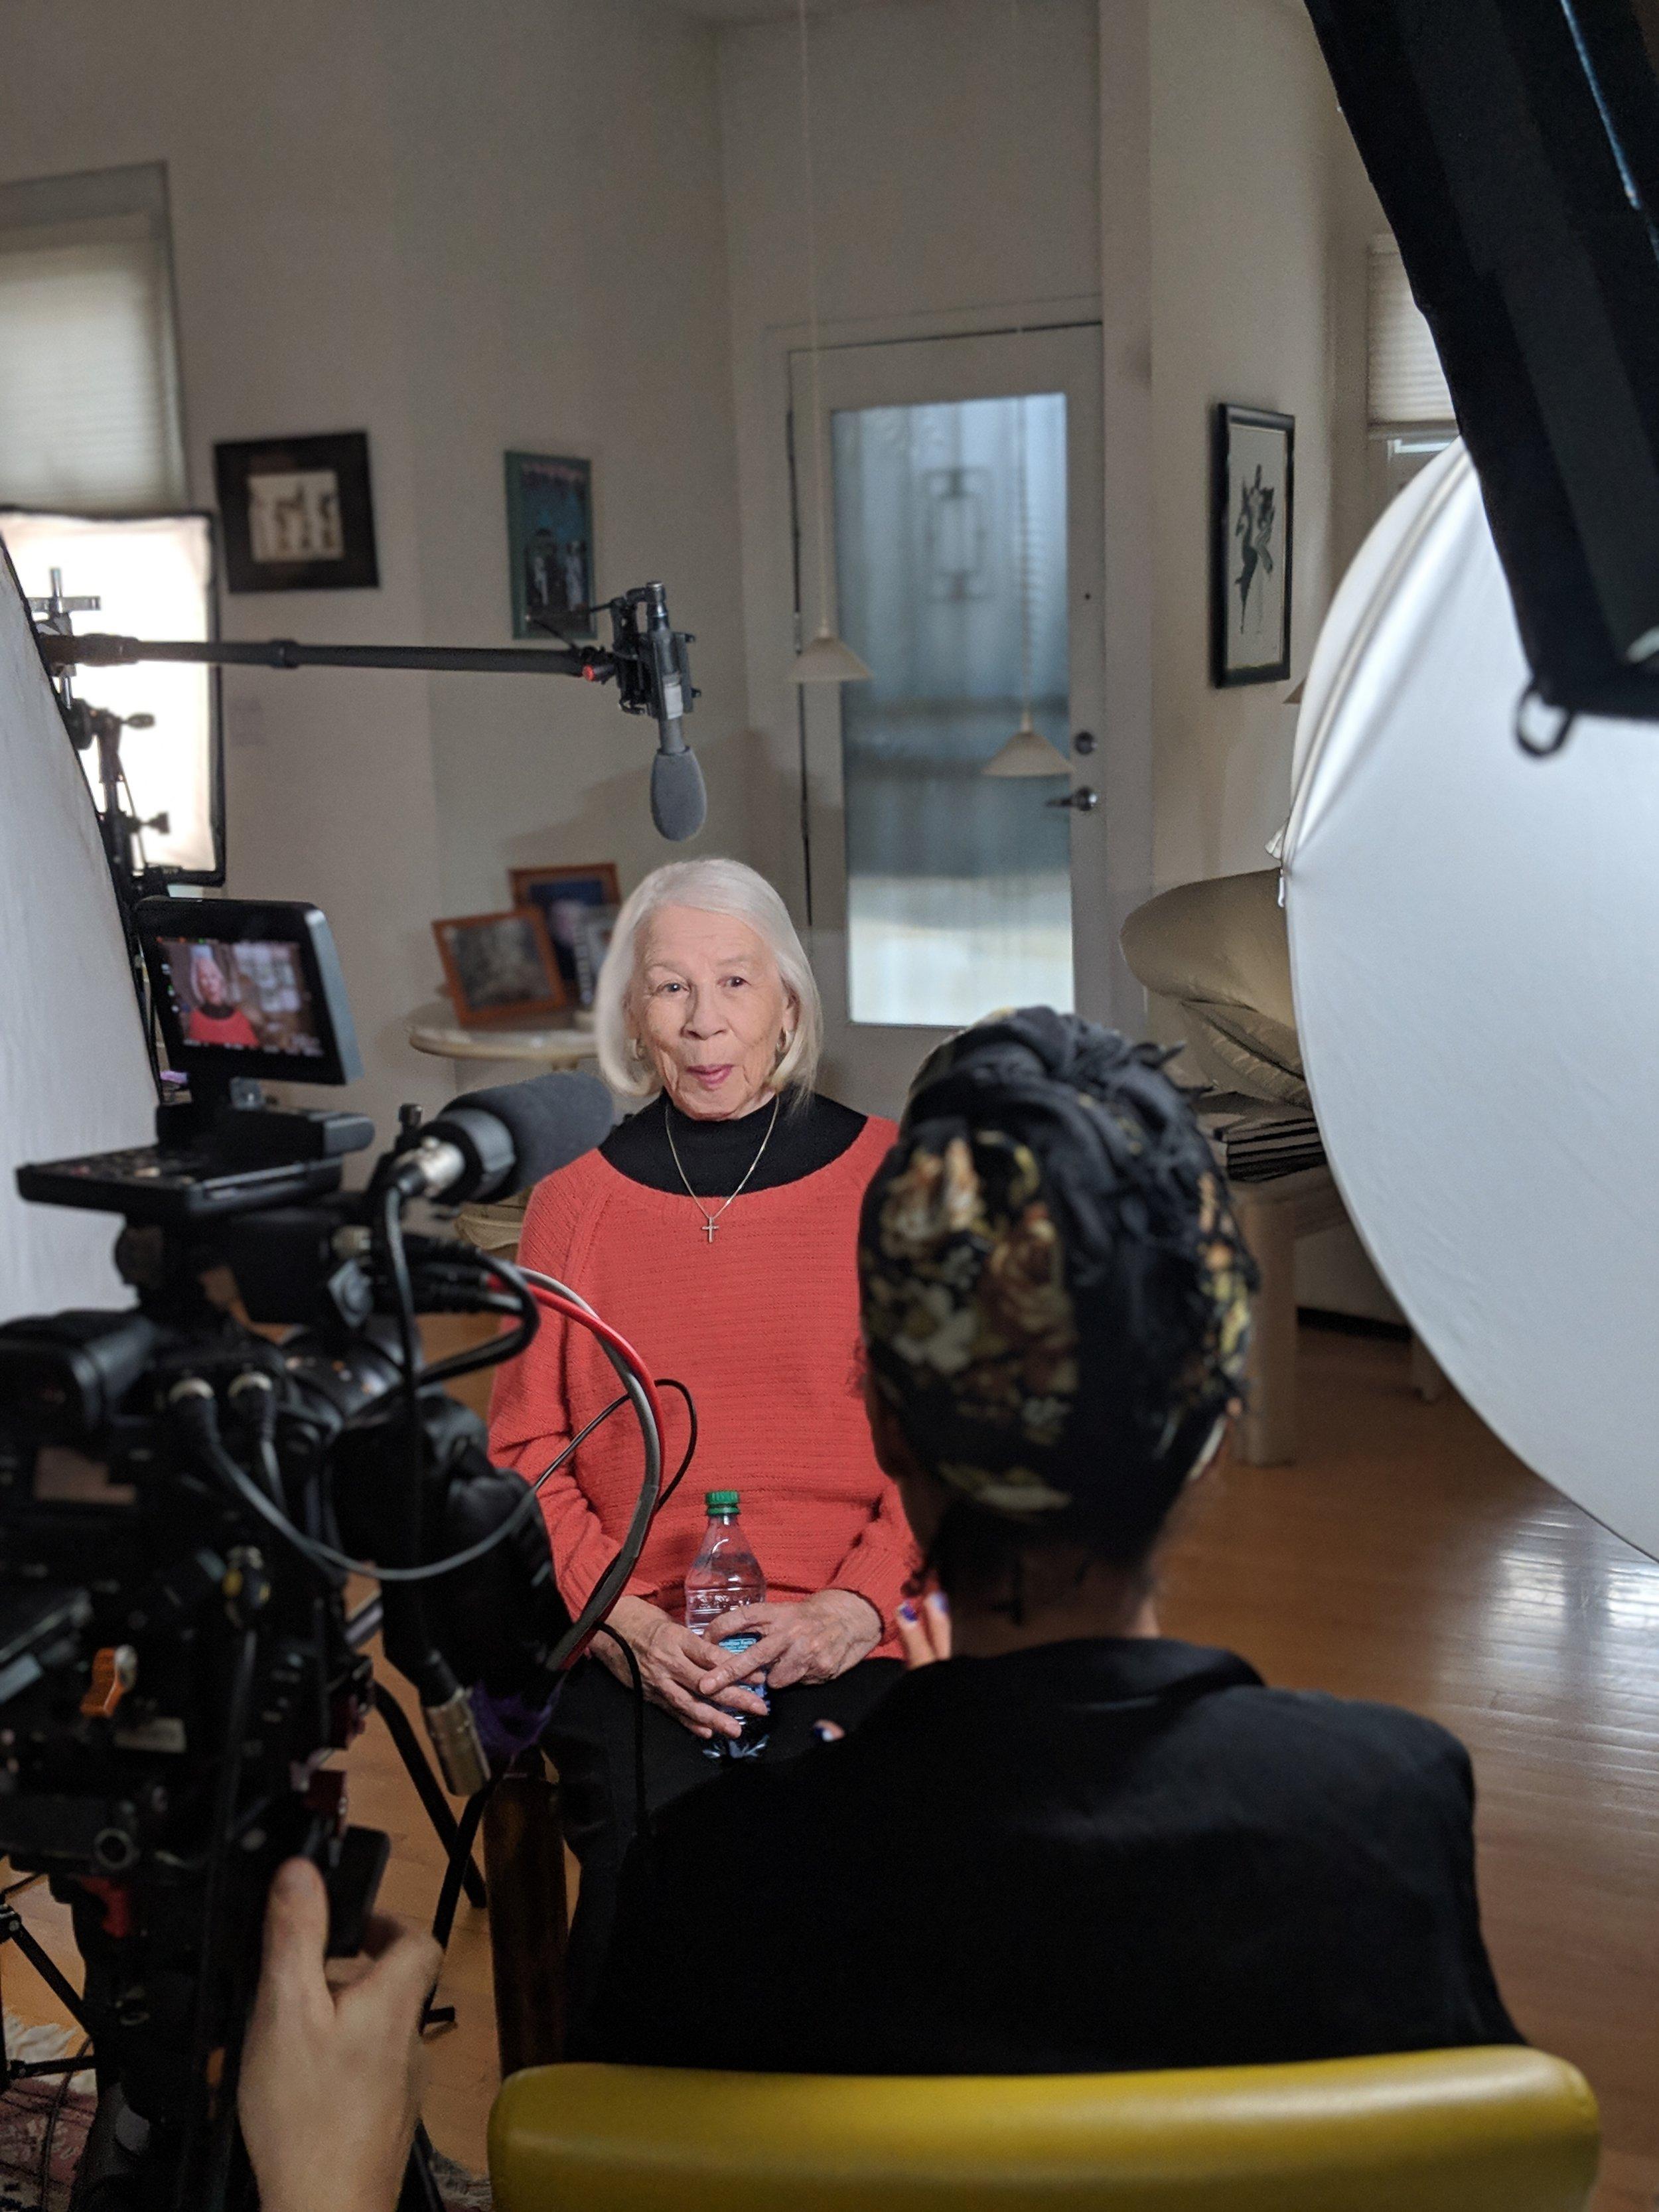 Interview with Nancelia Jackson. Photo by Emily Pfeil